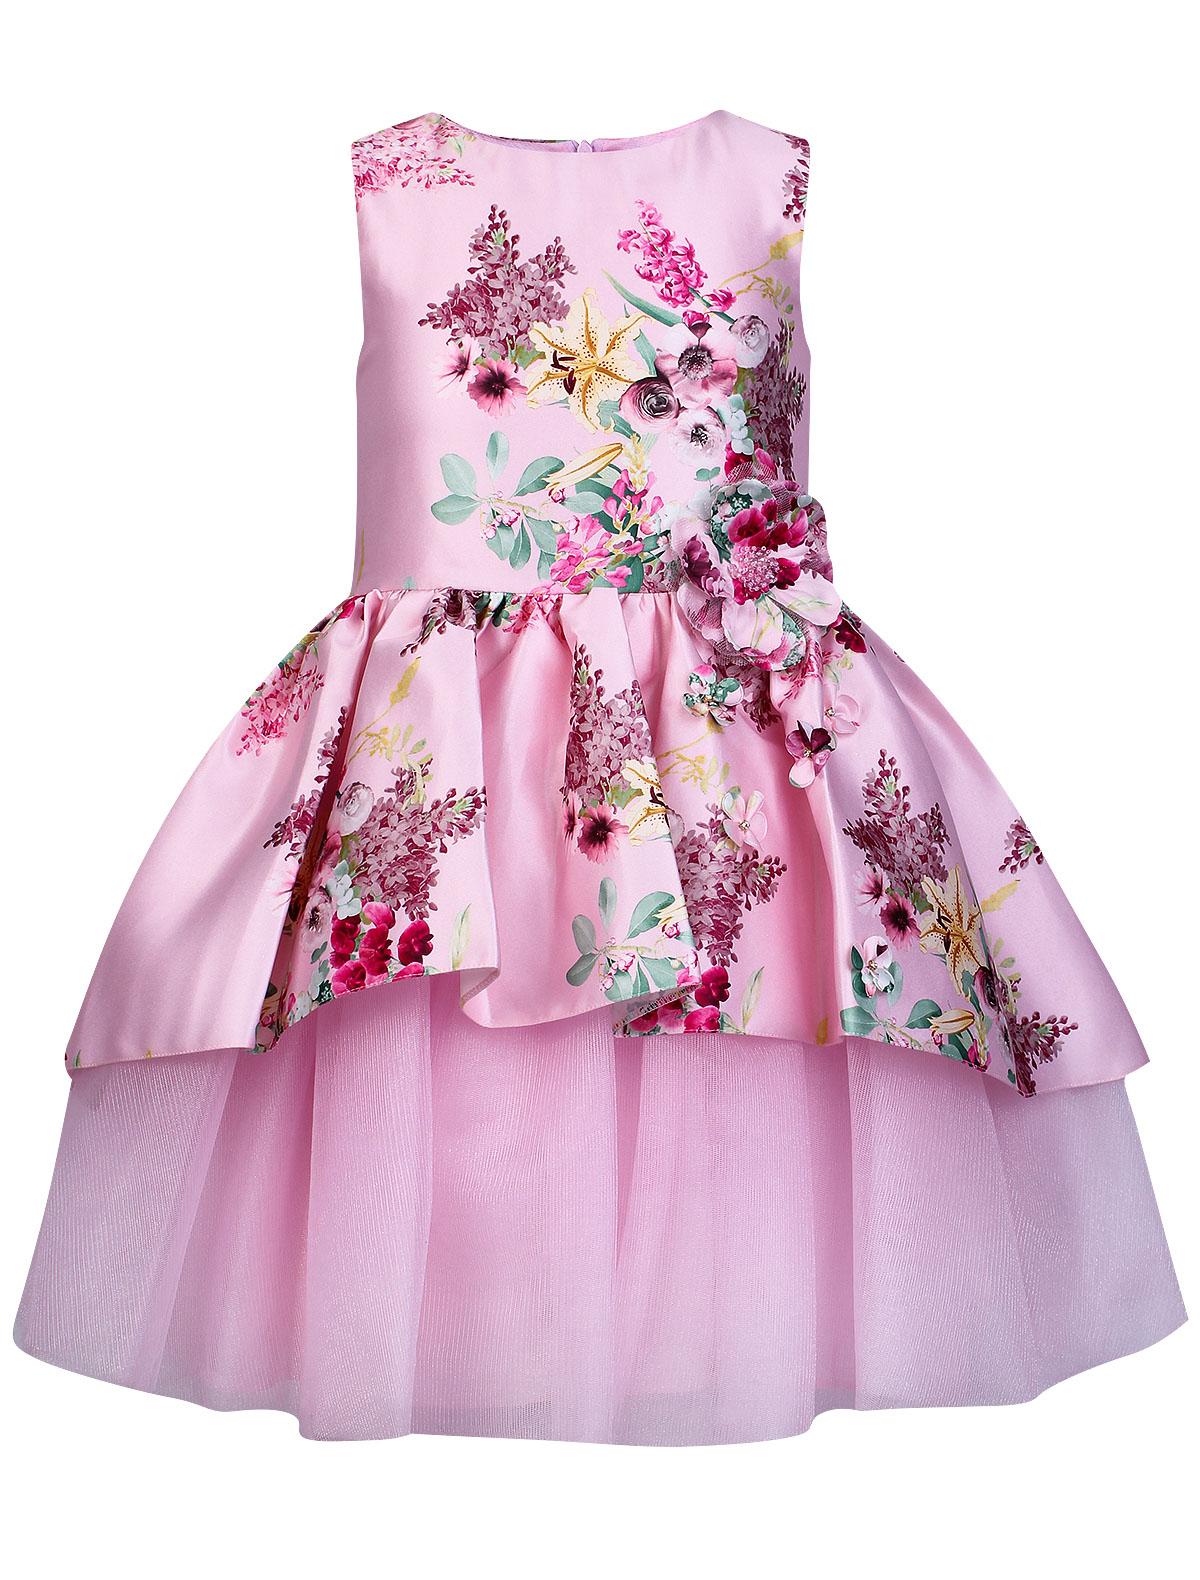 Купить 1870630, Платье David Charles, розовый, Женский, 1052609870651